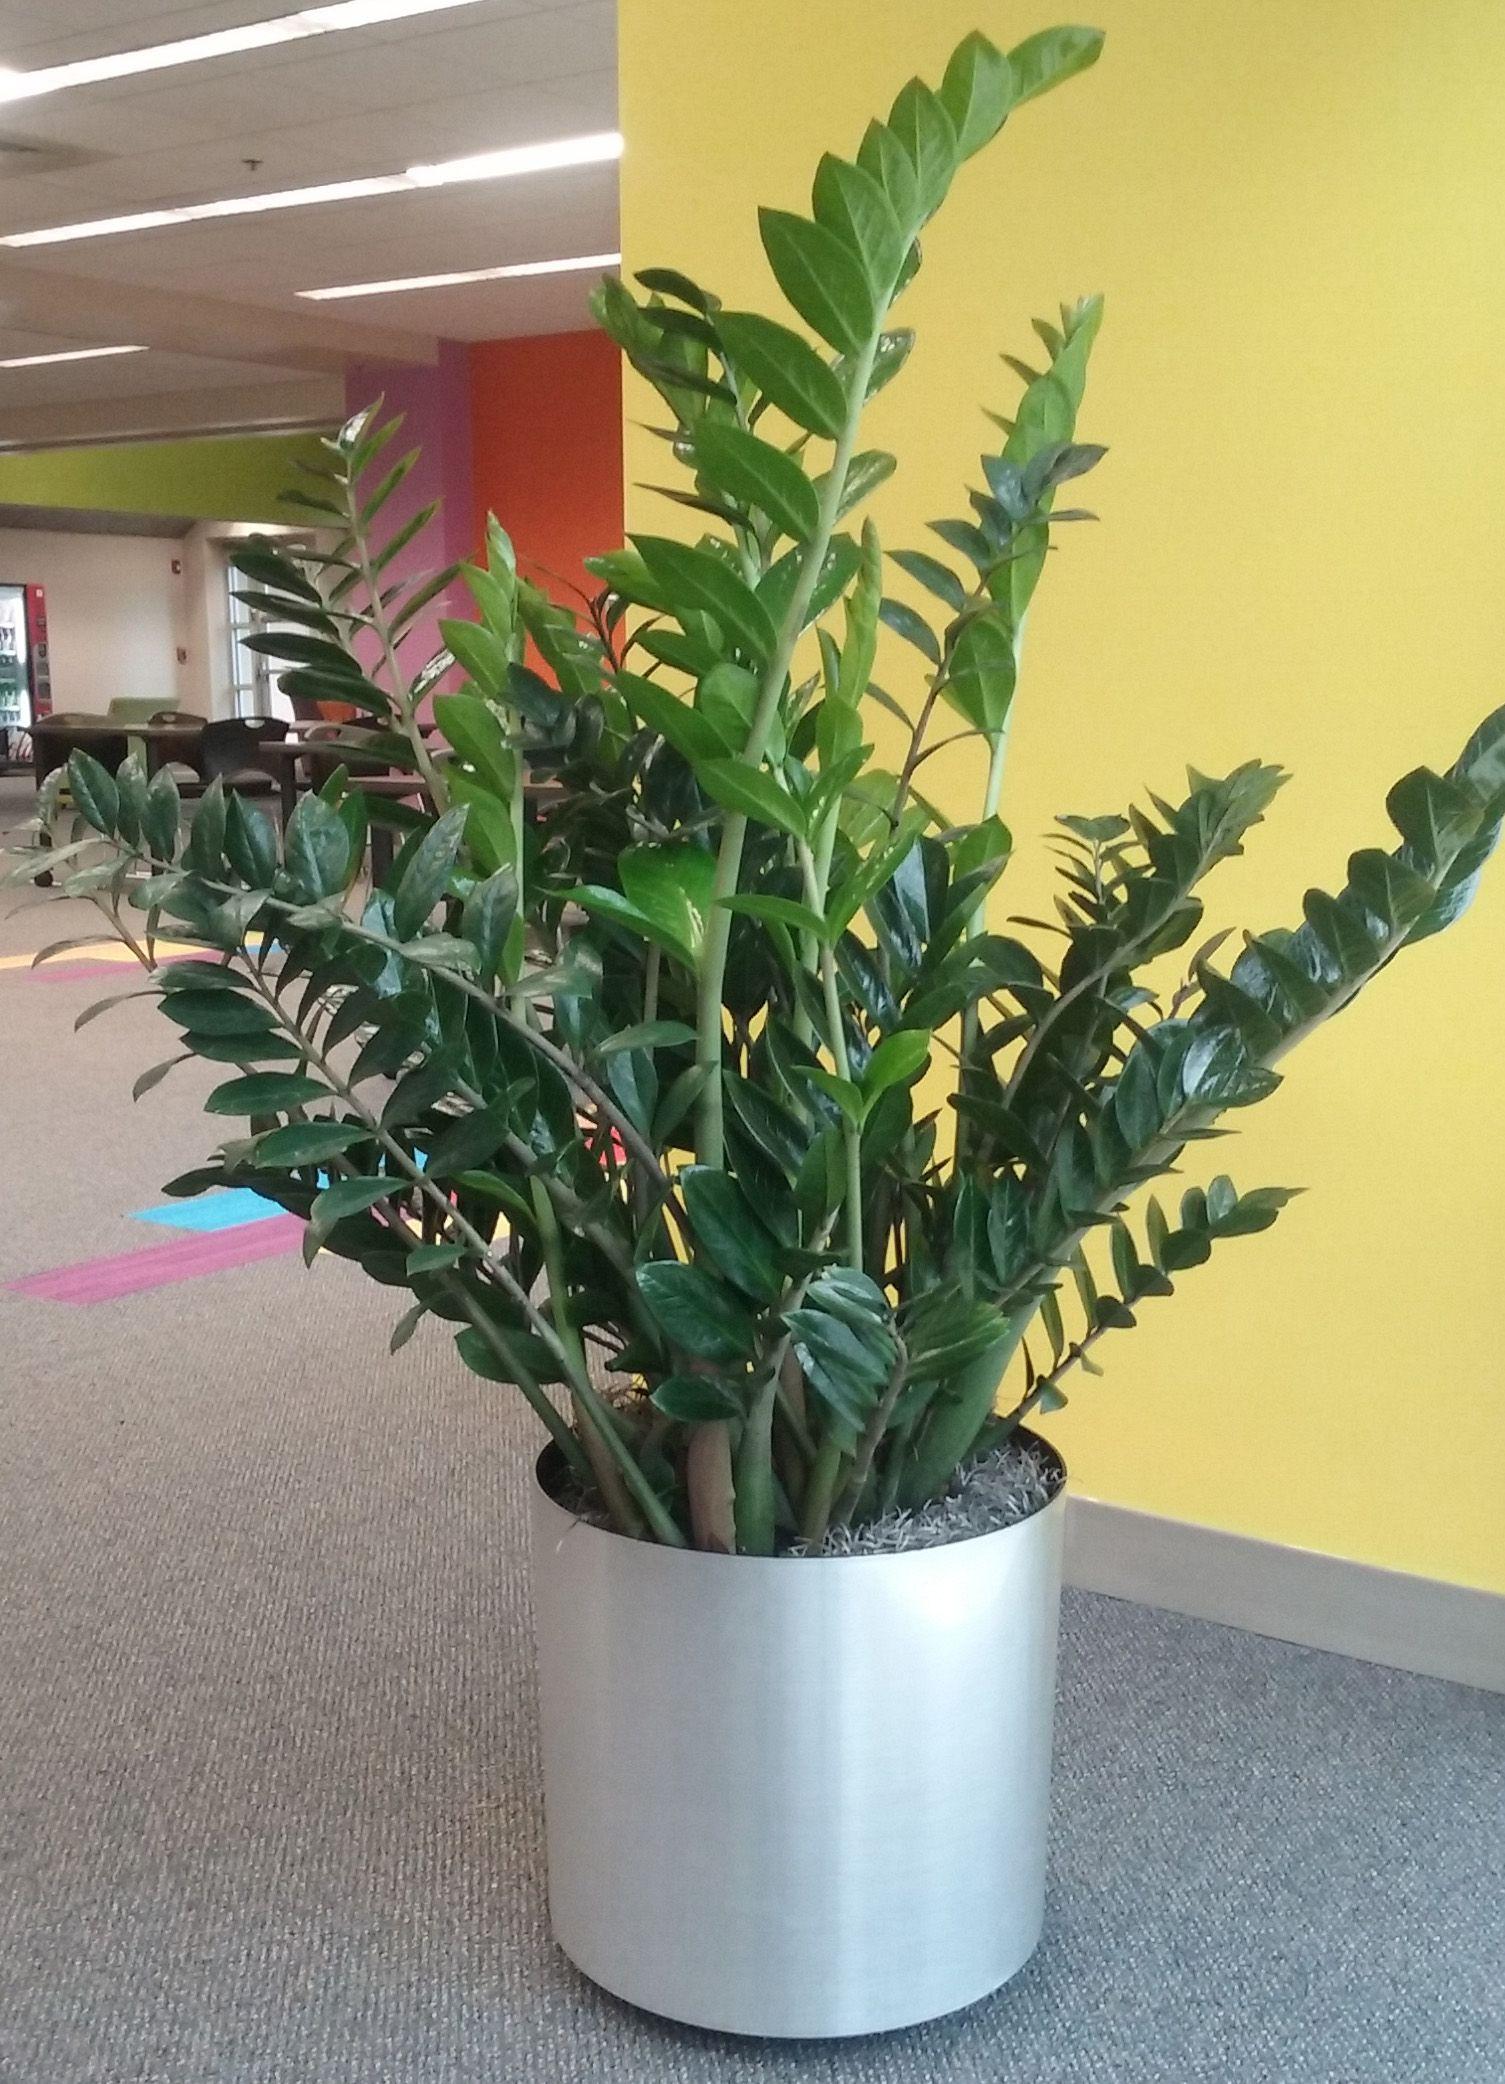 Zz Plant Zamioculcas Zamifolia On One Of My Interior Landscape